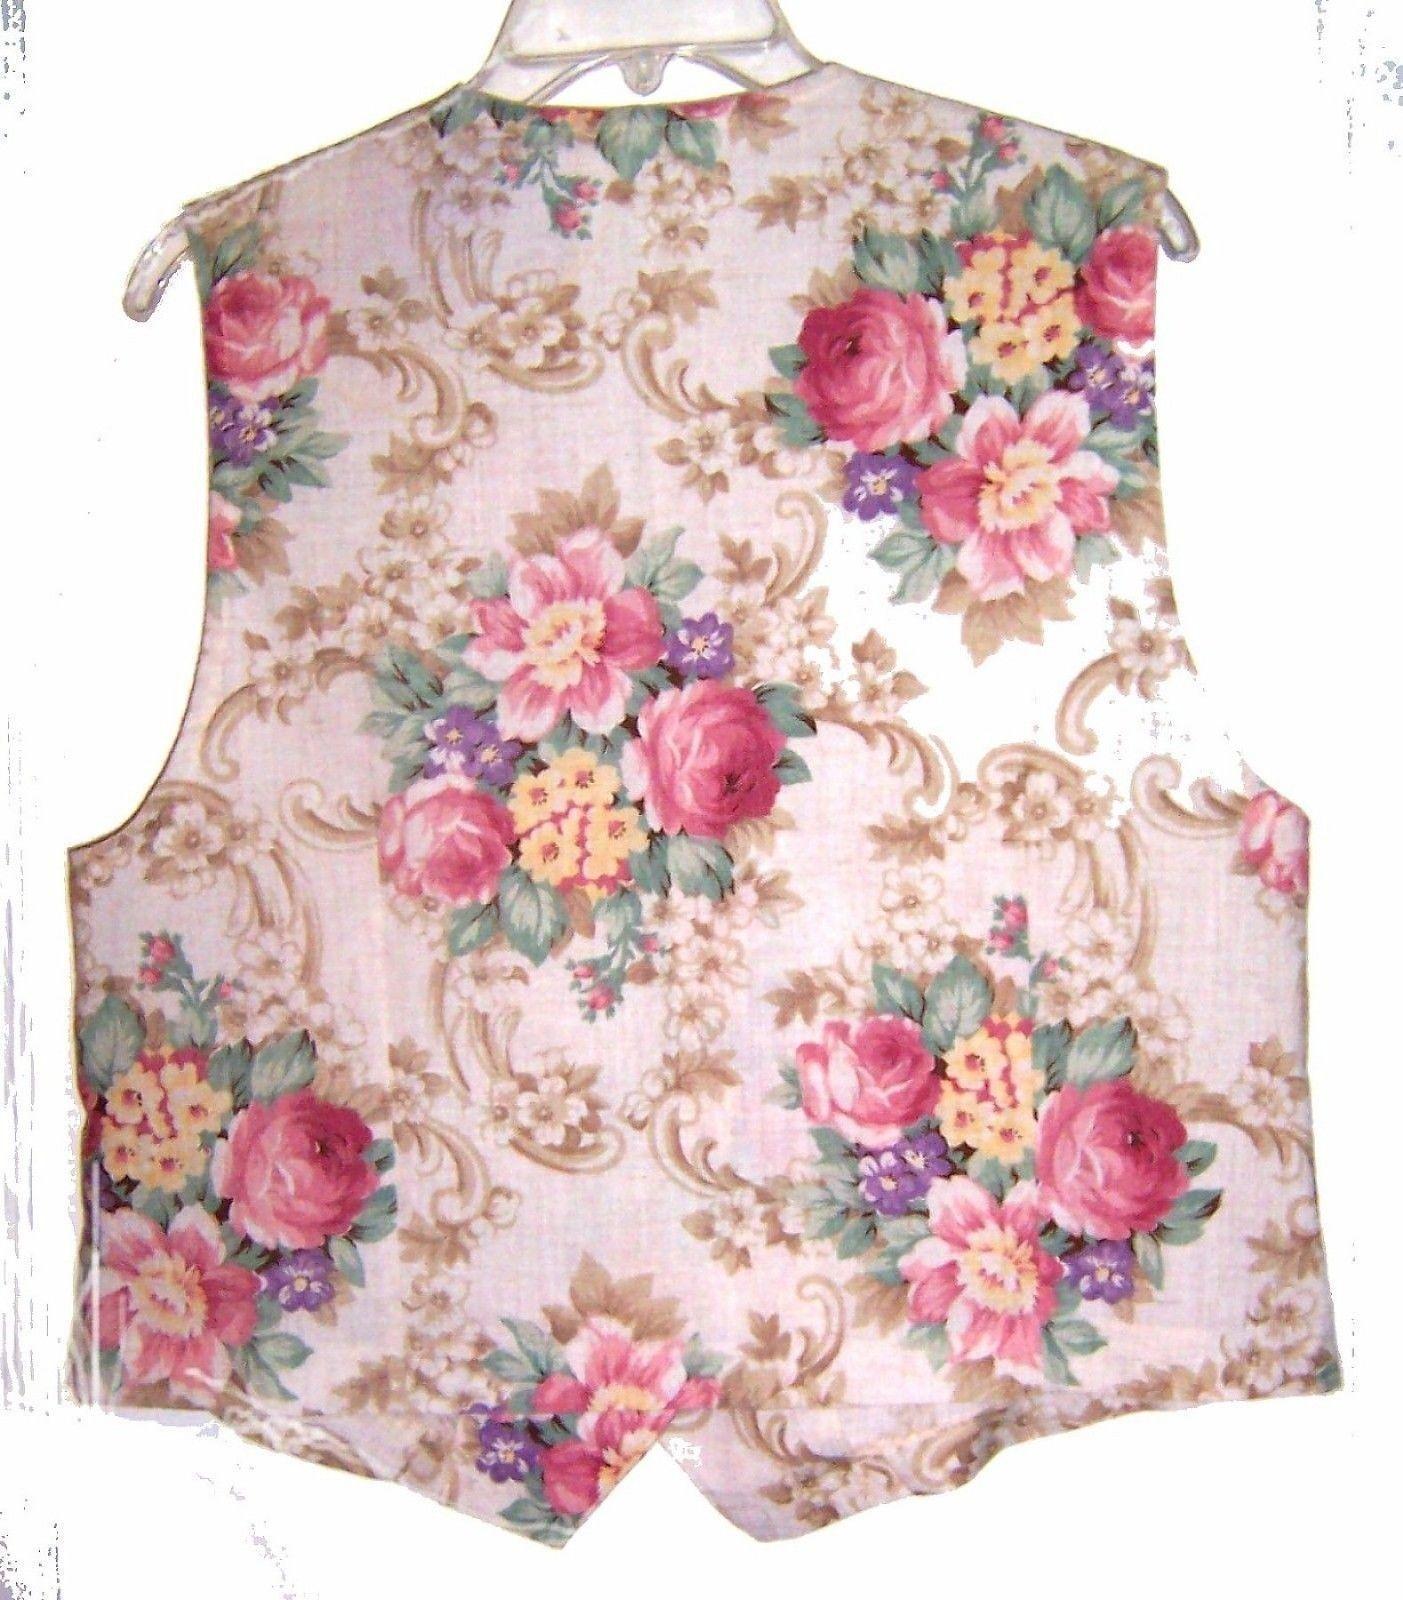 Sz S-M/L - Handmade 100% Cotton Reversible Vests